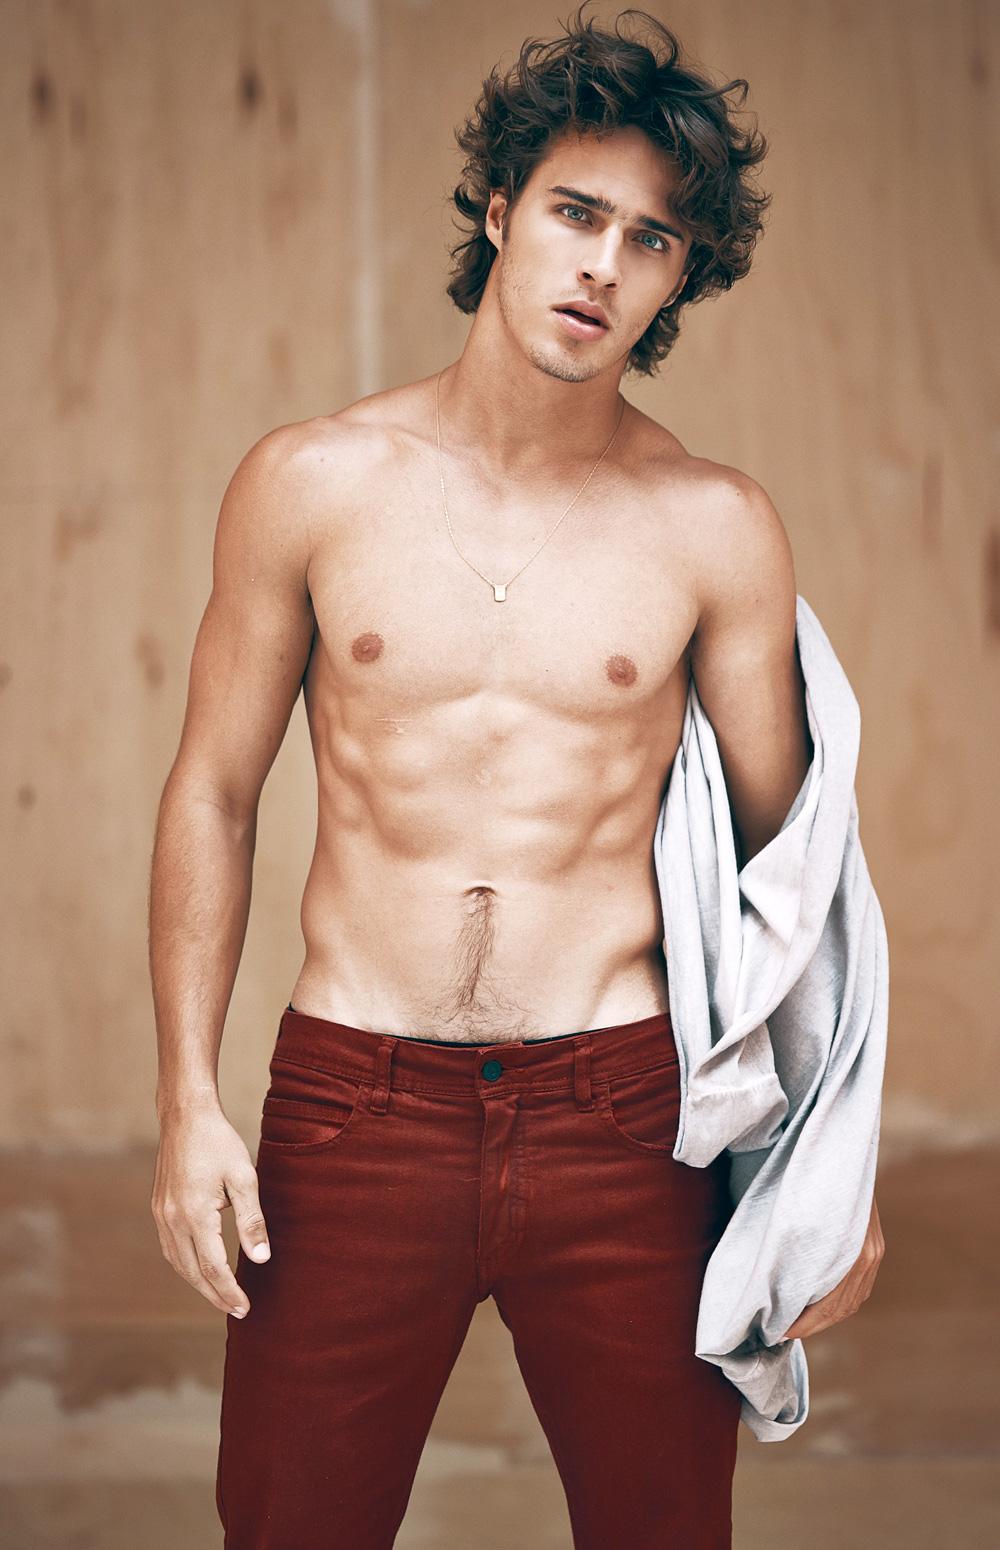 Boobs Naked Male Model Brazil Pics